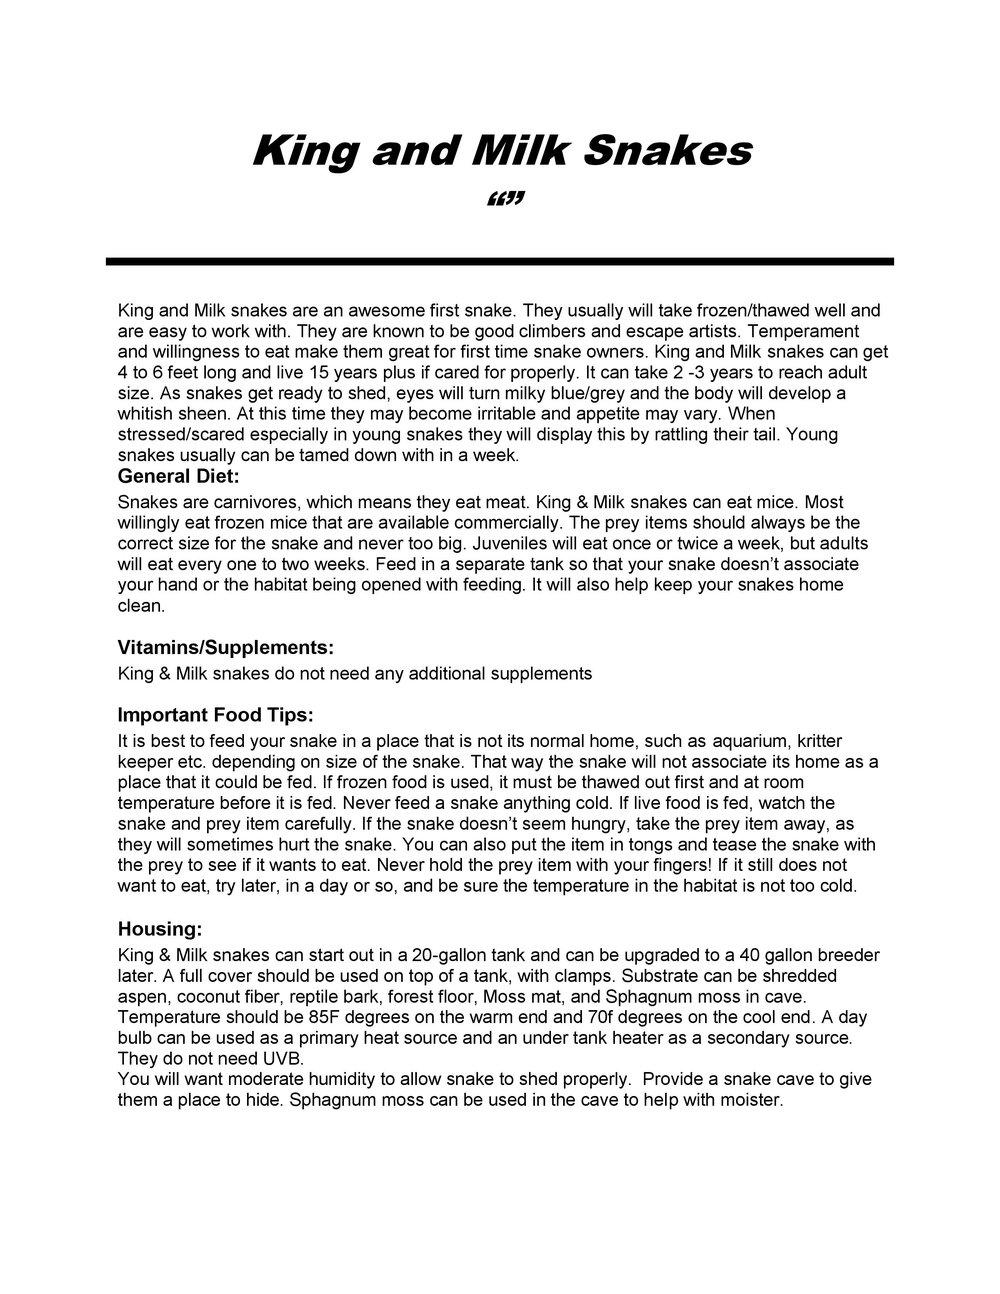 King Milk Snake Care Sheet pg1